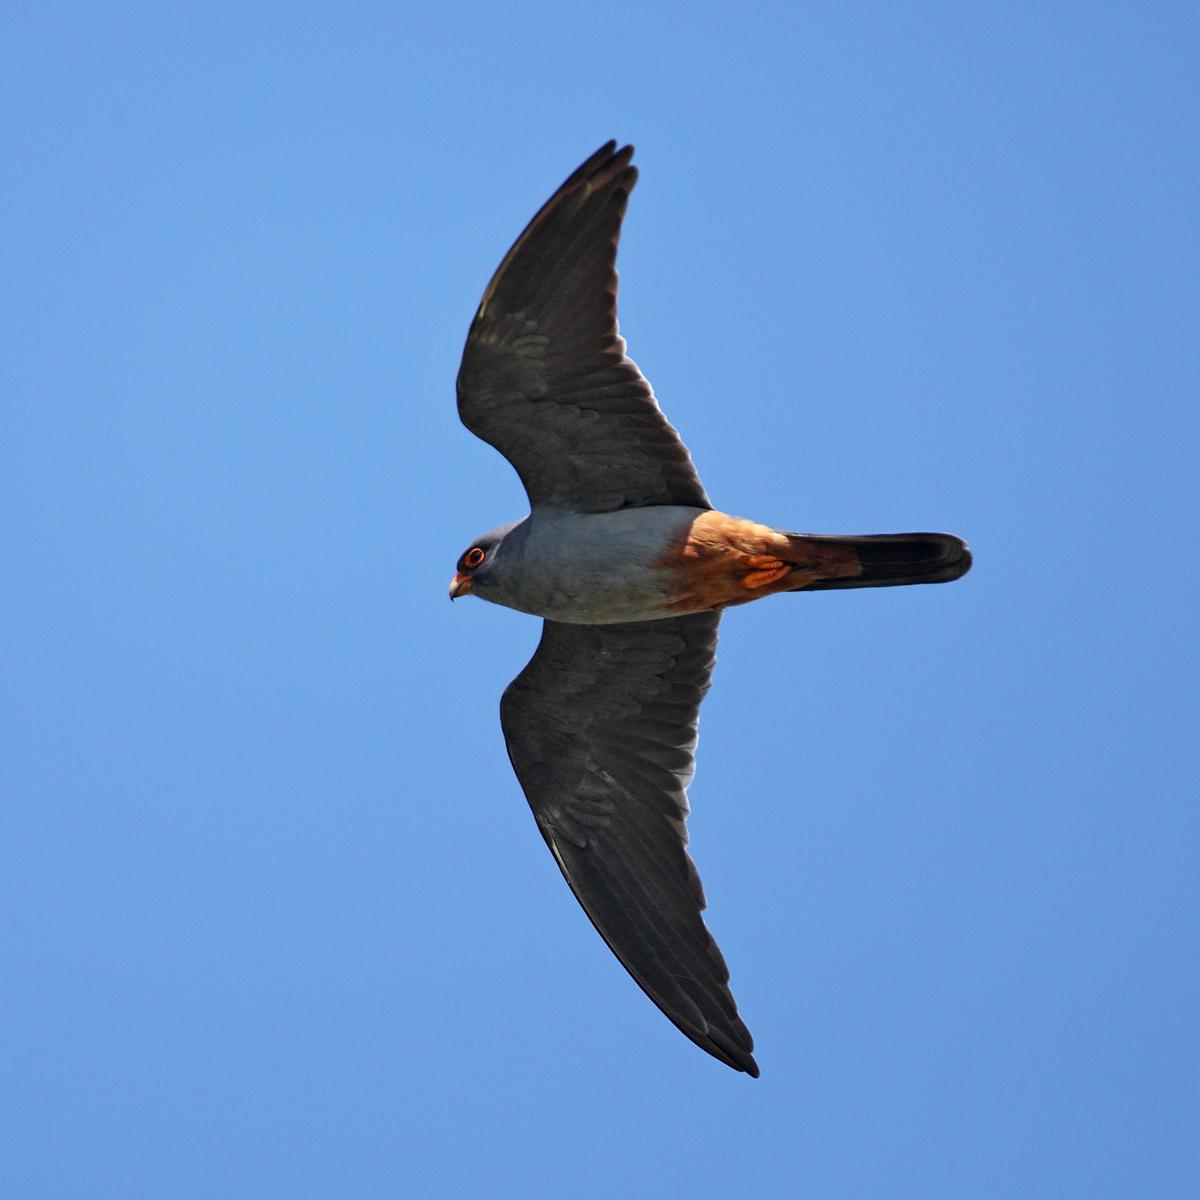 Falco vespertinus; Kasachstan; Red-footed Falcon; Rotfußfalke; birds; falconiformes; flight; flug; greifvögel; male; männchen; pröhl; raptors; vögel